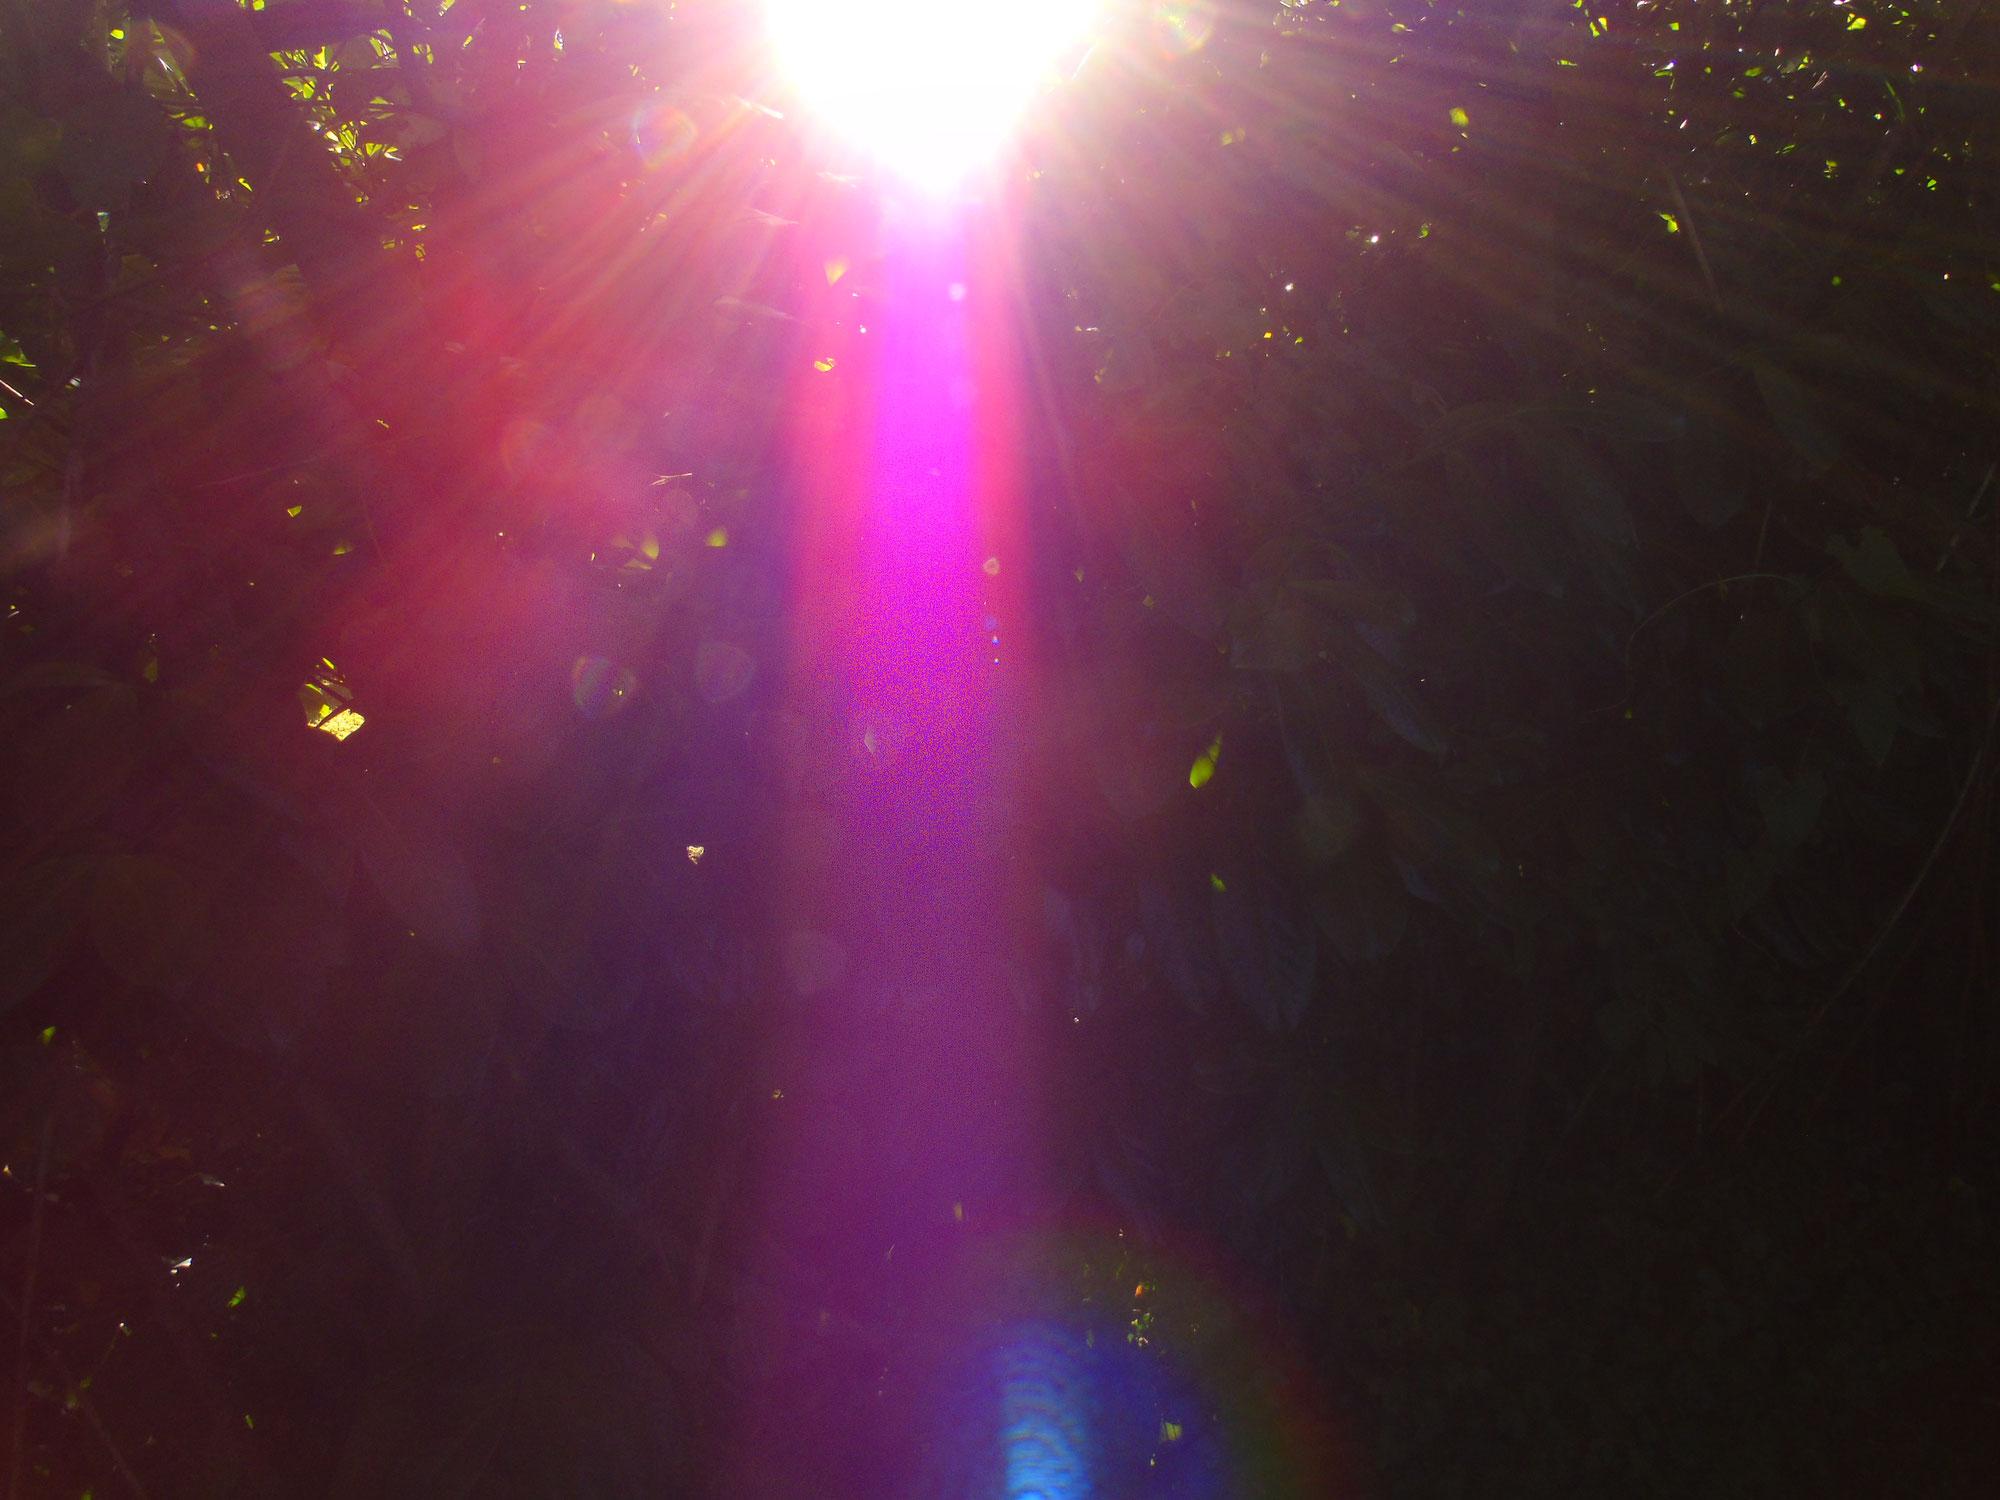 LICHTWESENFOTOGRAFIE: Ich bin dein Licht